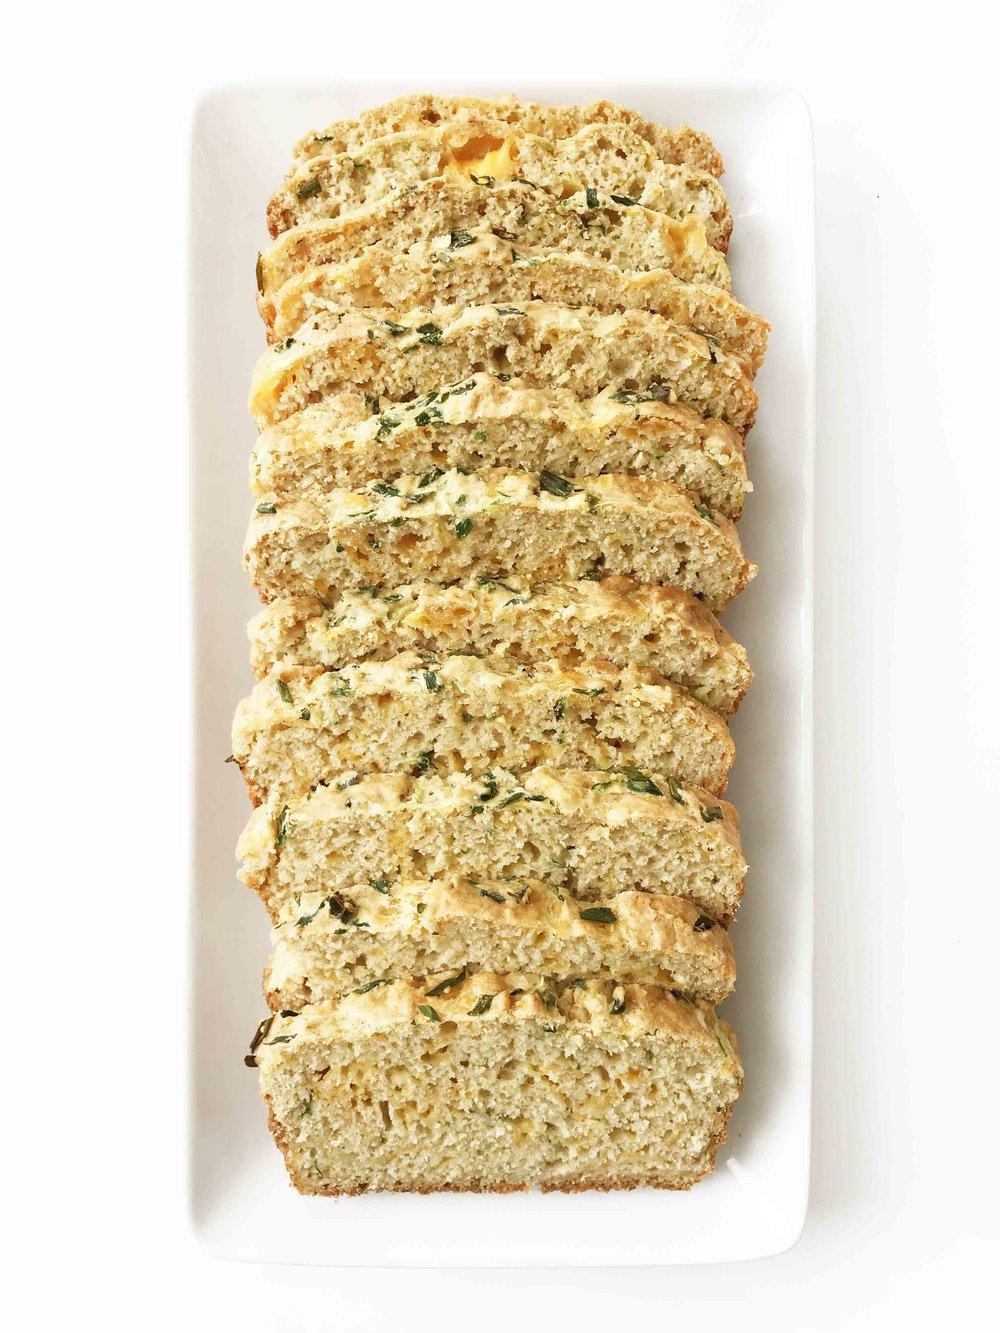 cheddar-chive-zuch-bread10.jpg